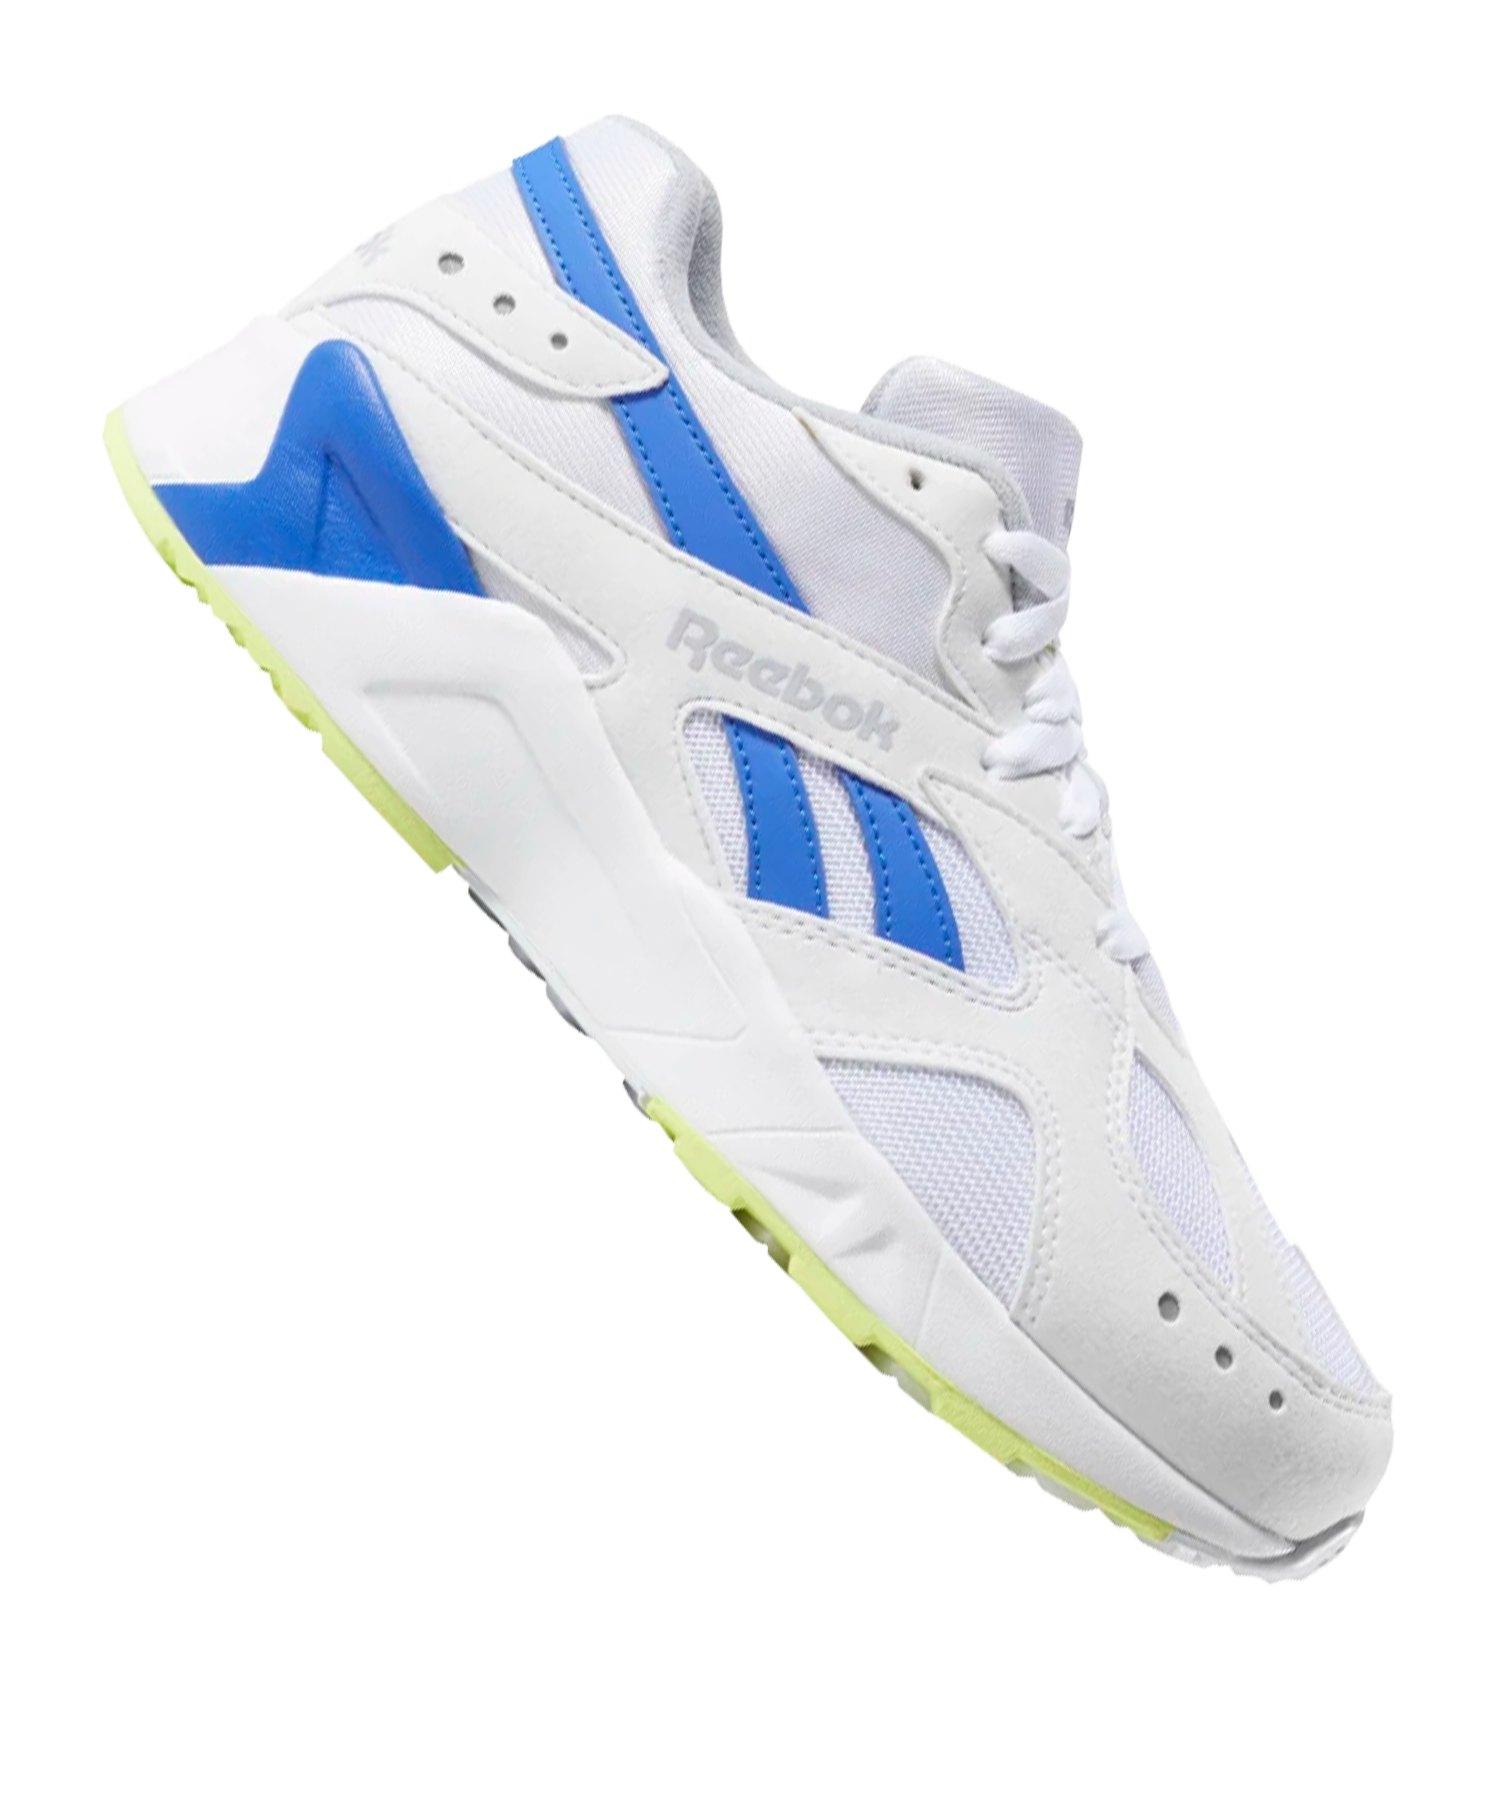 Reebok Aztrek Sneaker Weiss Blau - weiss